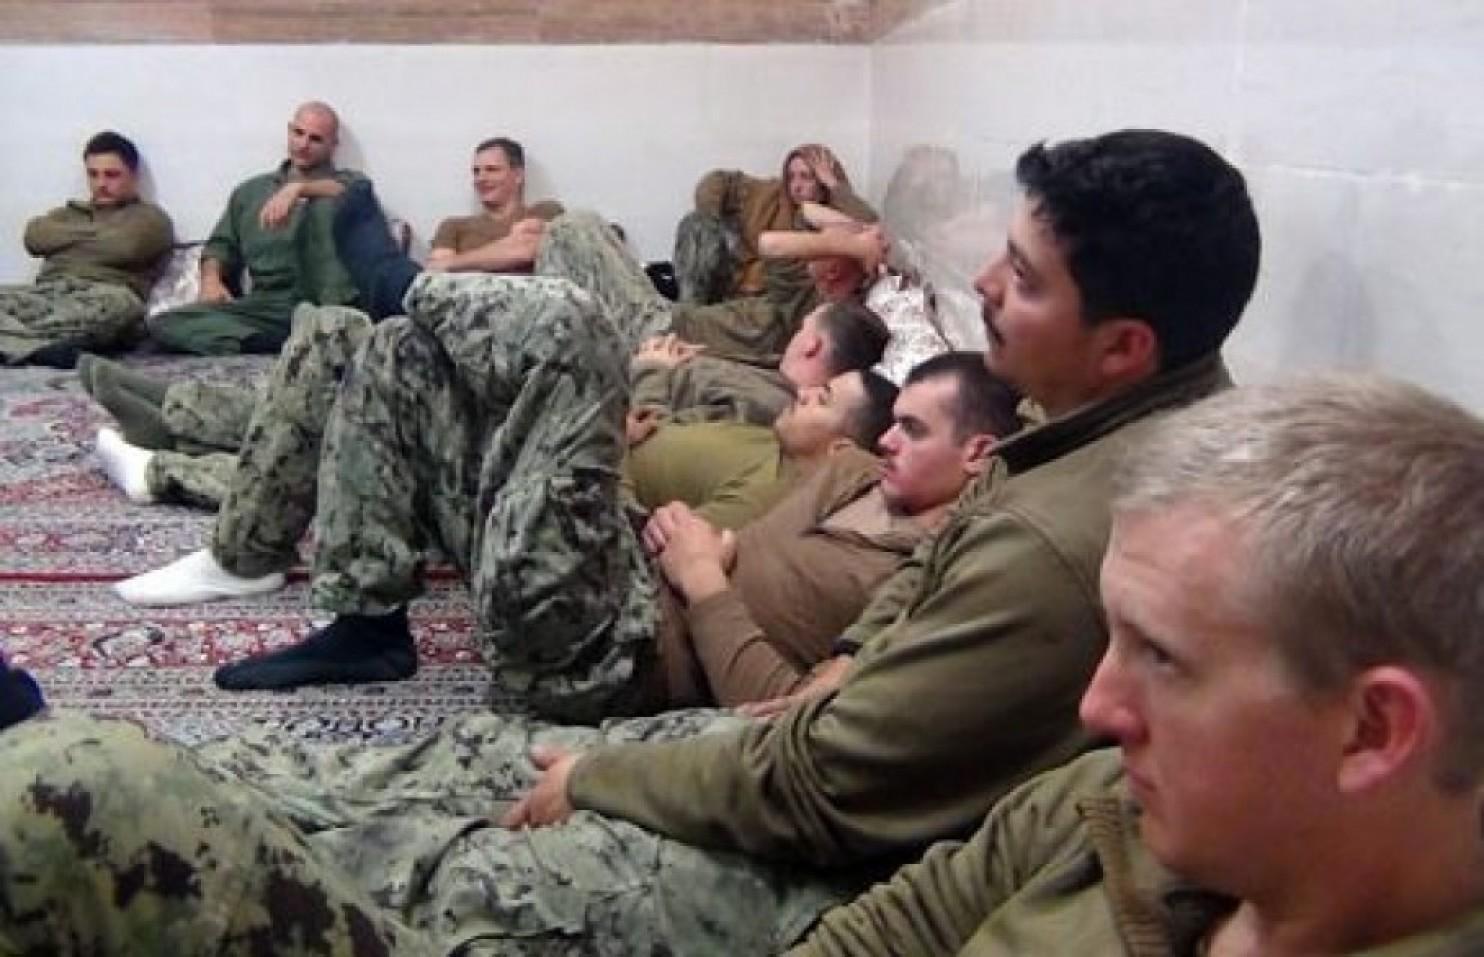 ملوانان آمریکایی در خاک ایران (عکس)